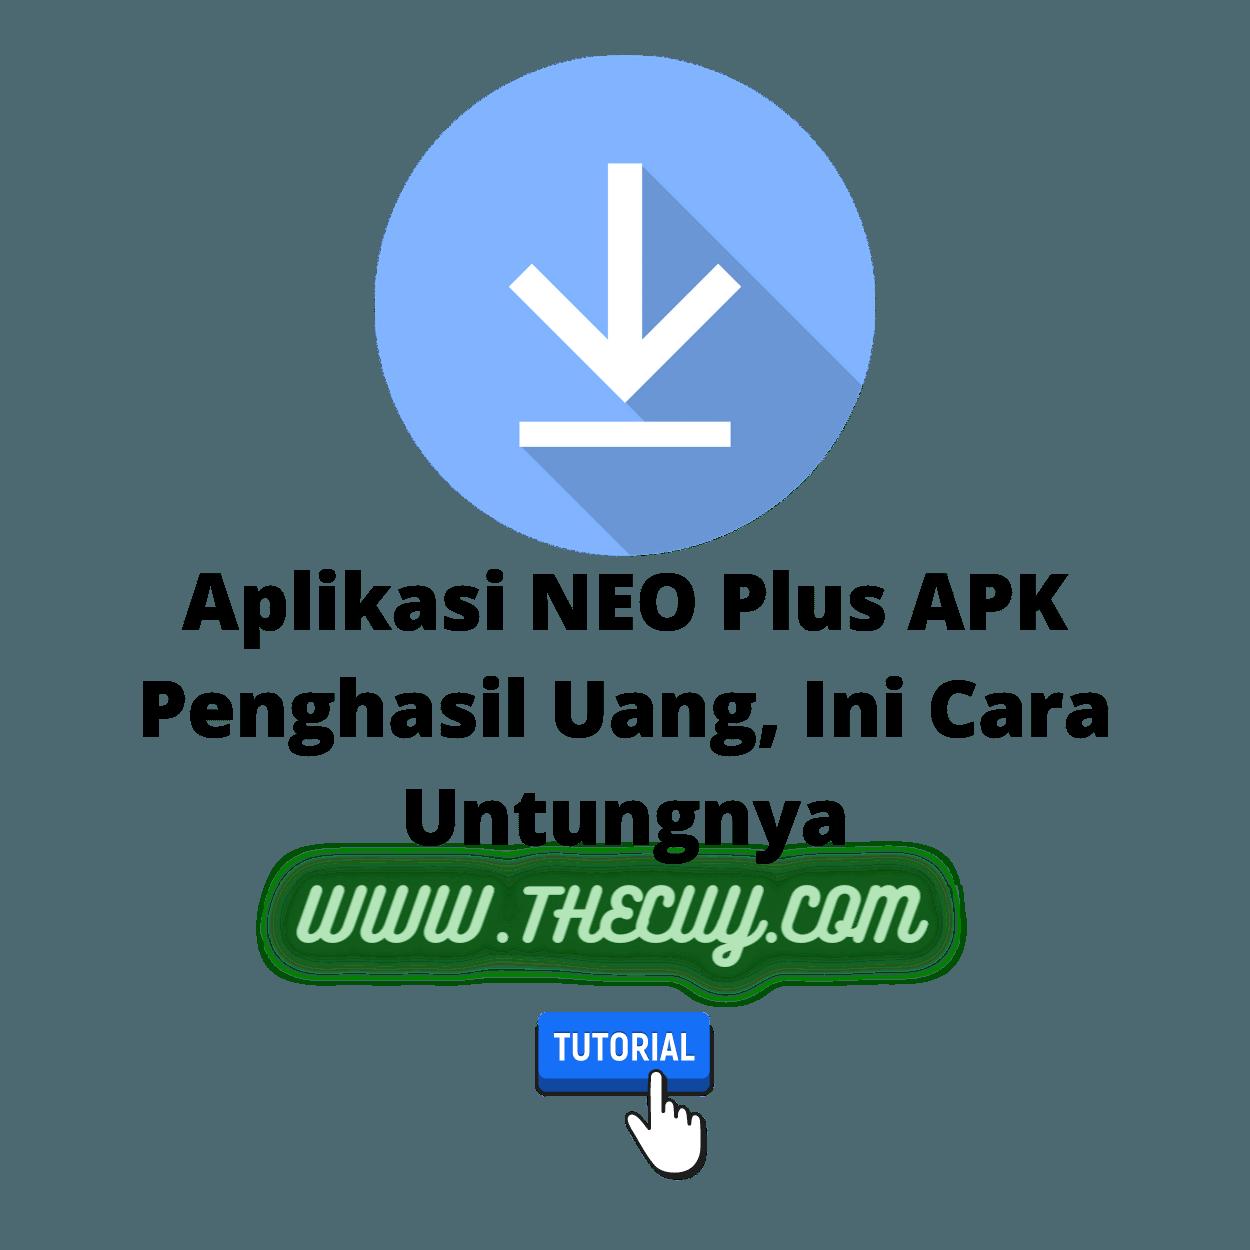 Aplikasi NEO Plus APK Penghasil Uang, Ini Cara Untungnya